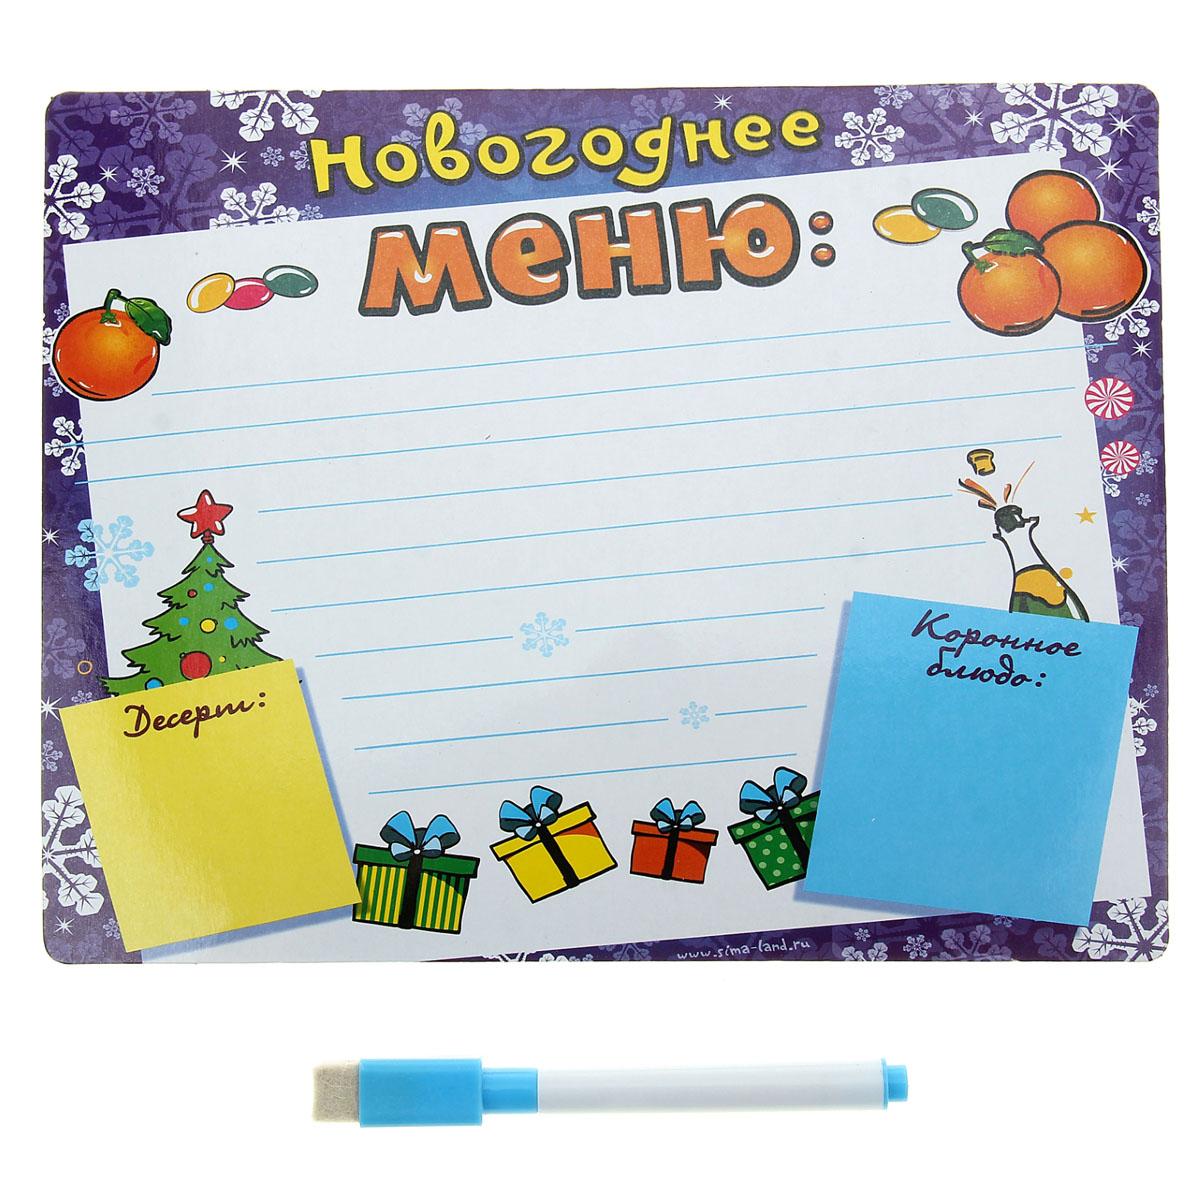 Магнитная доска для записей Новогоднее меню, с маркером, 22 см х 17 см452426Оригинальная магнитная доска Новогоднее меню выполнена из плотного картона. Имеется поле для записей, где можно записывать важную информацию, напоминания, рецепты или, к примеру, оставлять пожелания для членов семьи. Обратная сторона снабжена двумя магнитами, благодаря чему доску можно легко прикрепить к холодильнику. К доске прилагается черный маркер-магнит для созданий записей, колпачок которого оснащен войлочным наконечником для удаления старых посланий. Такая доска станет необычным приятным сувениром.